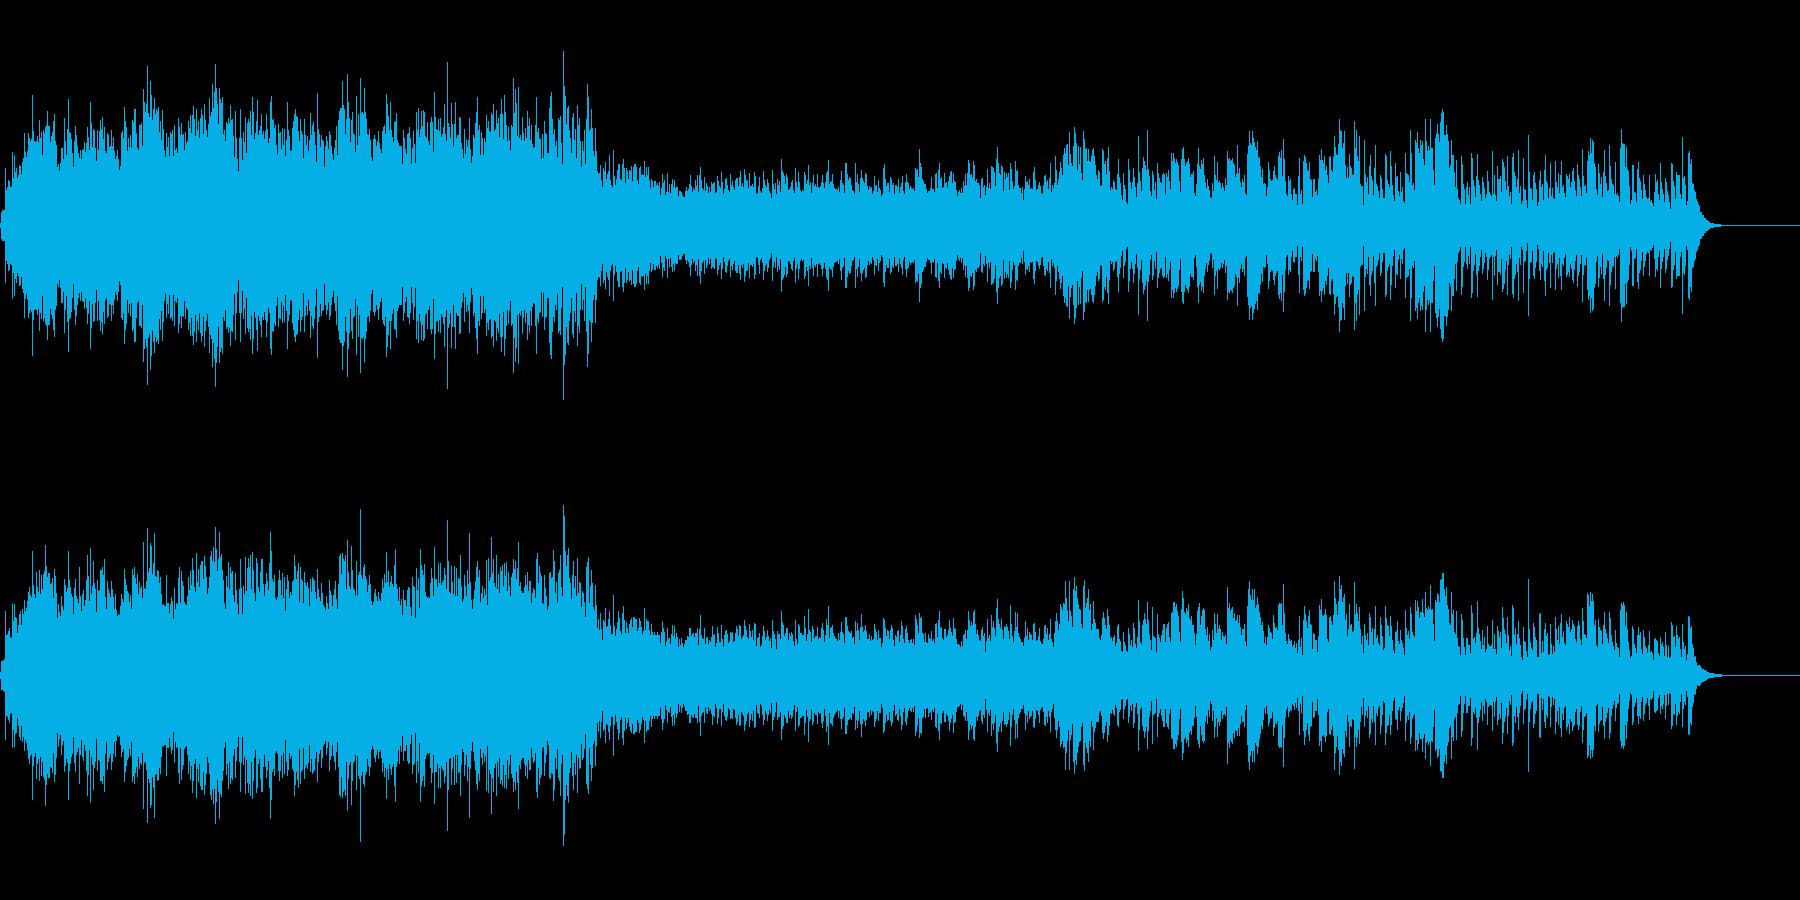 目覚まし時計のアラームベル音の再生済みの波形